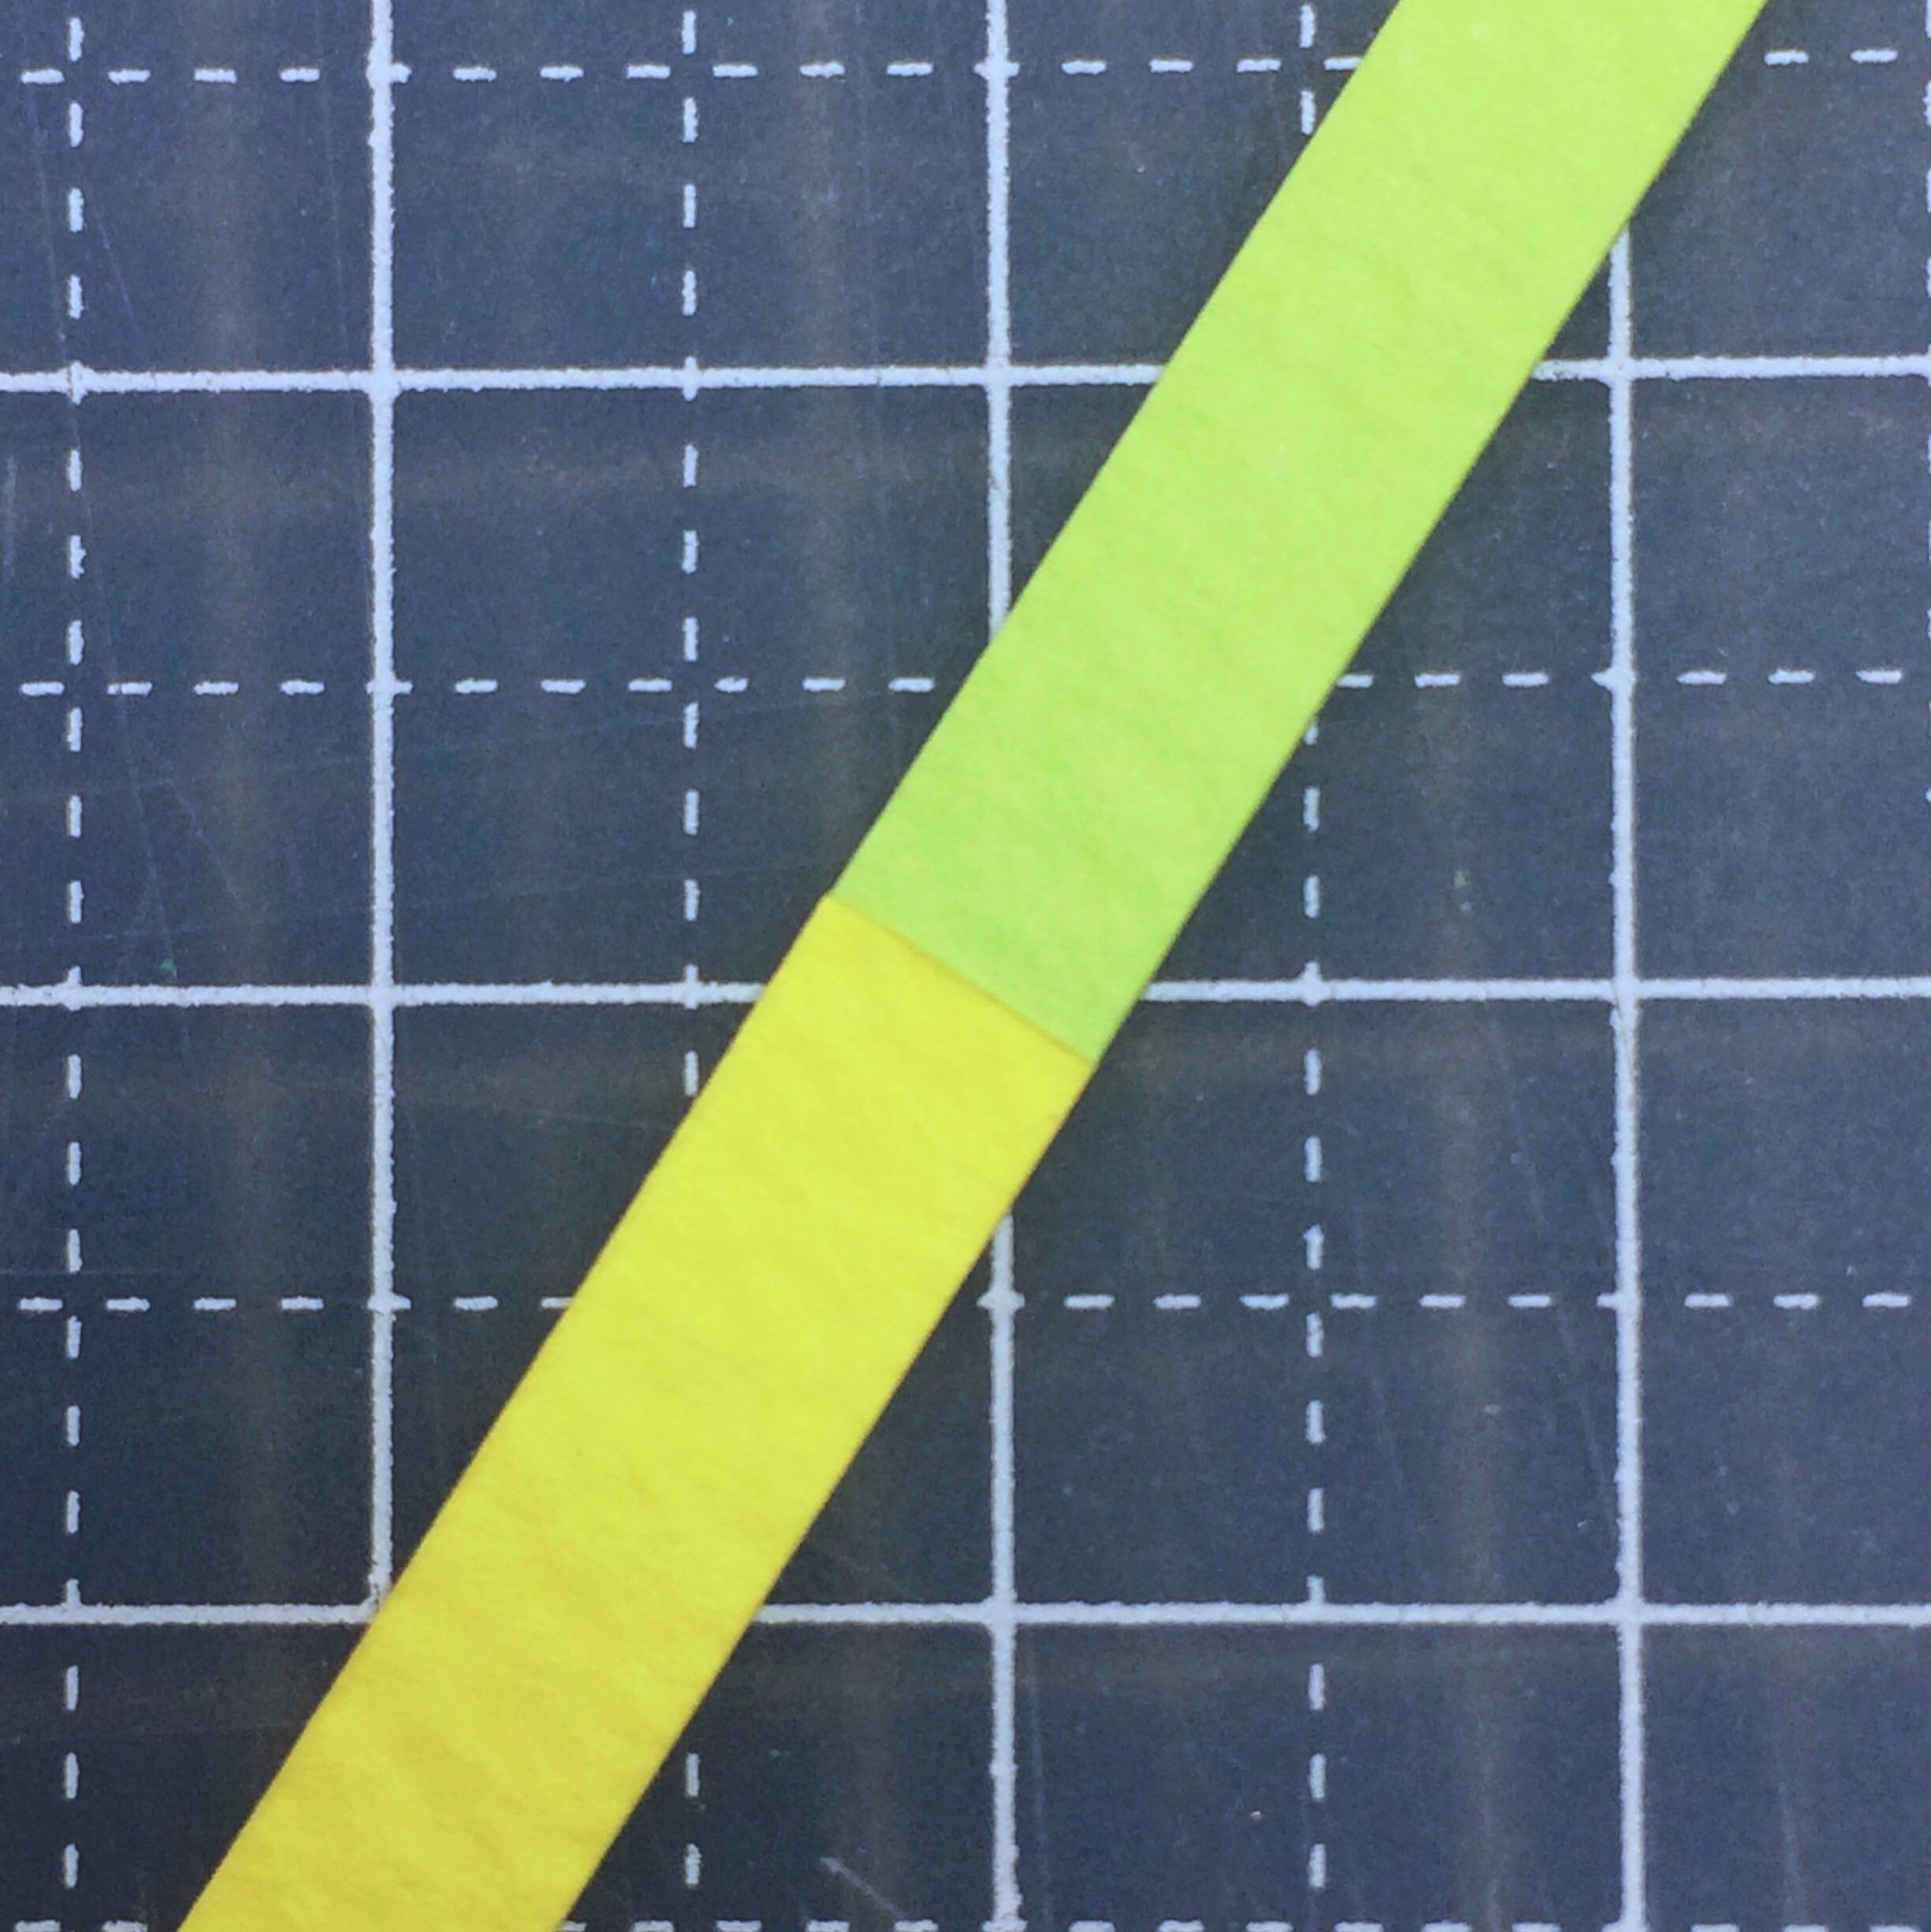 紙tateruテク ブラー画像1